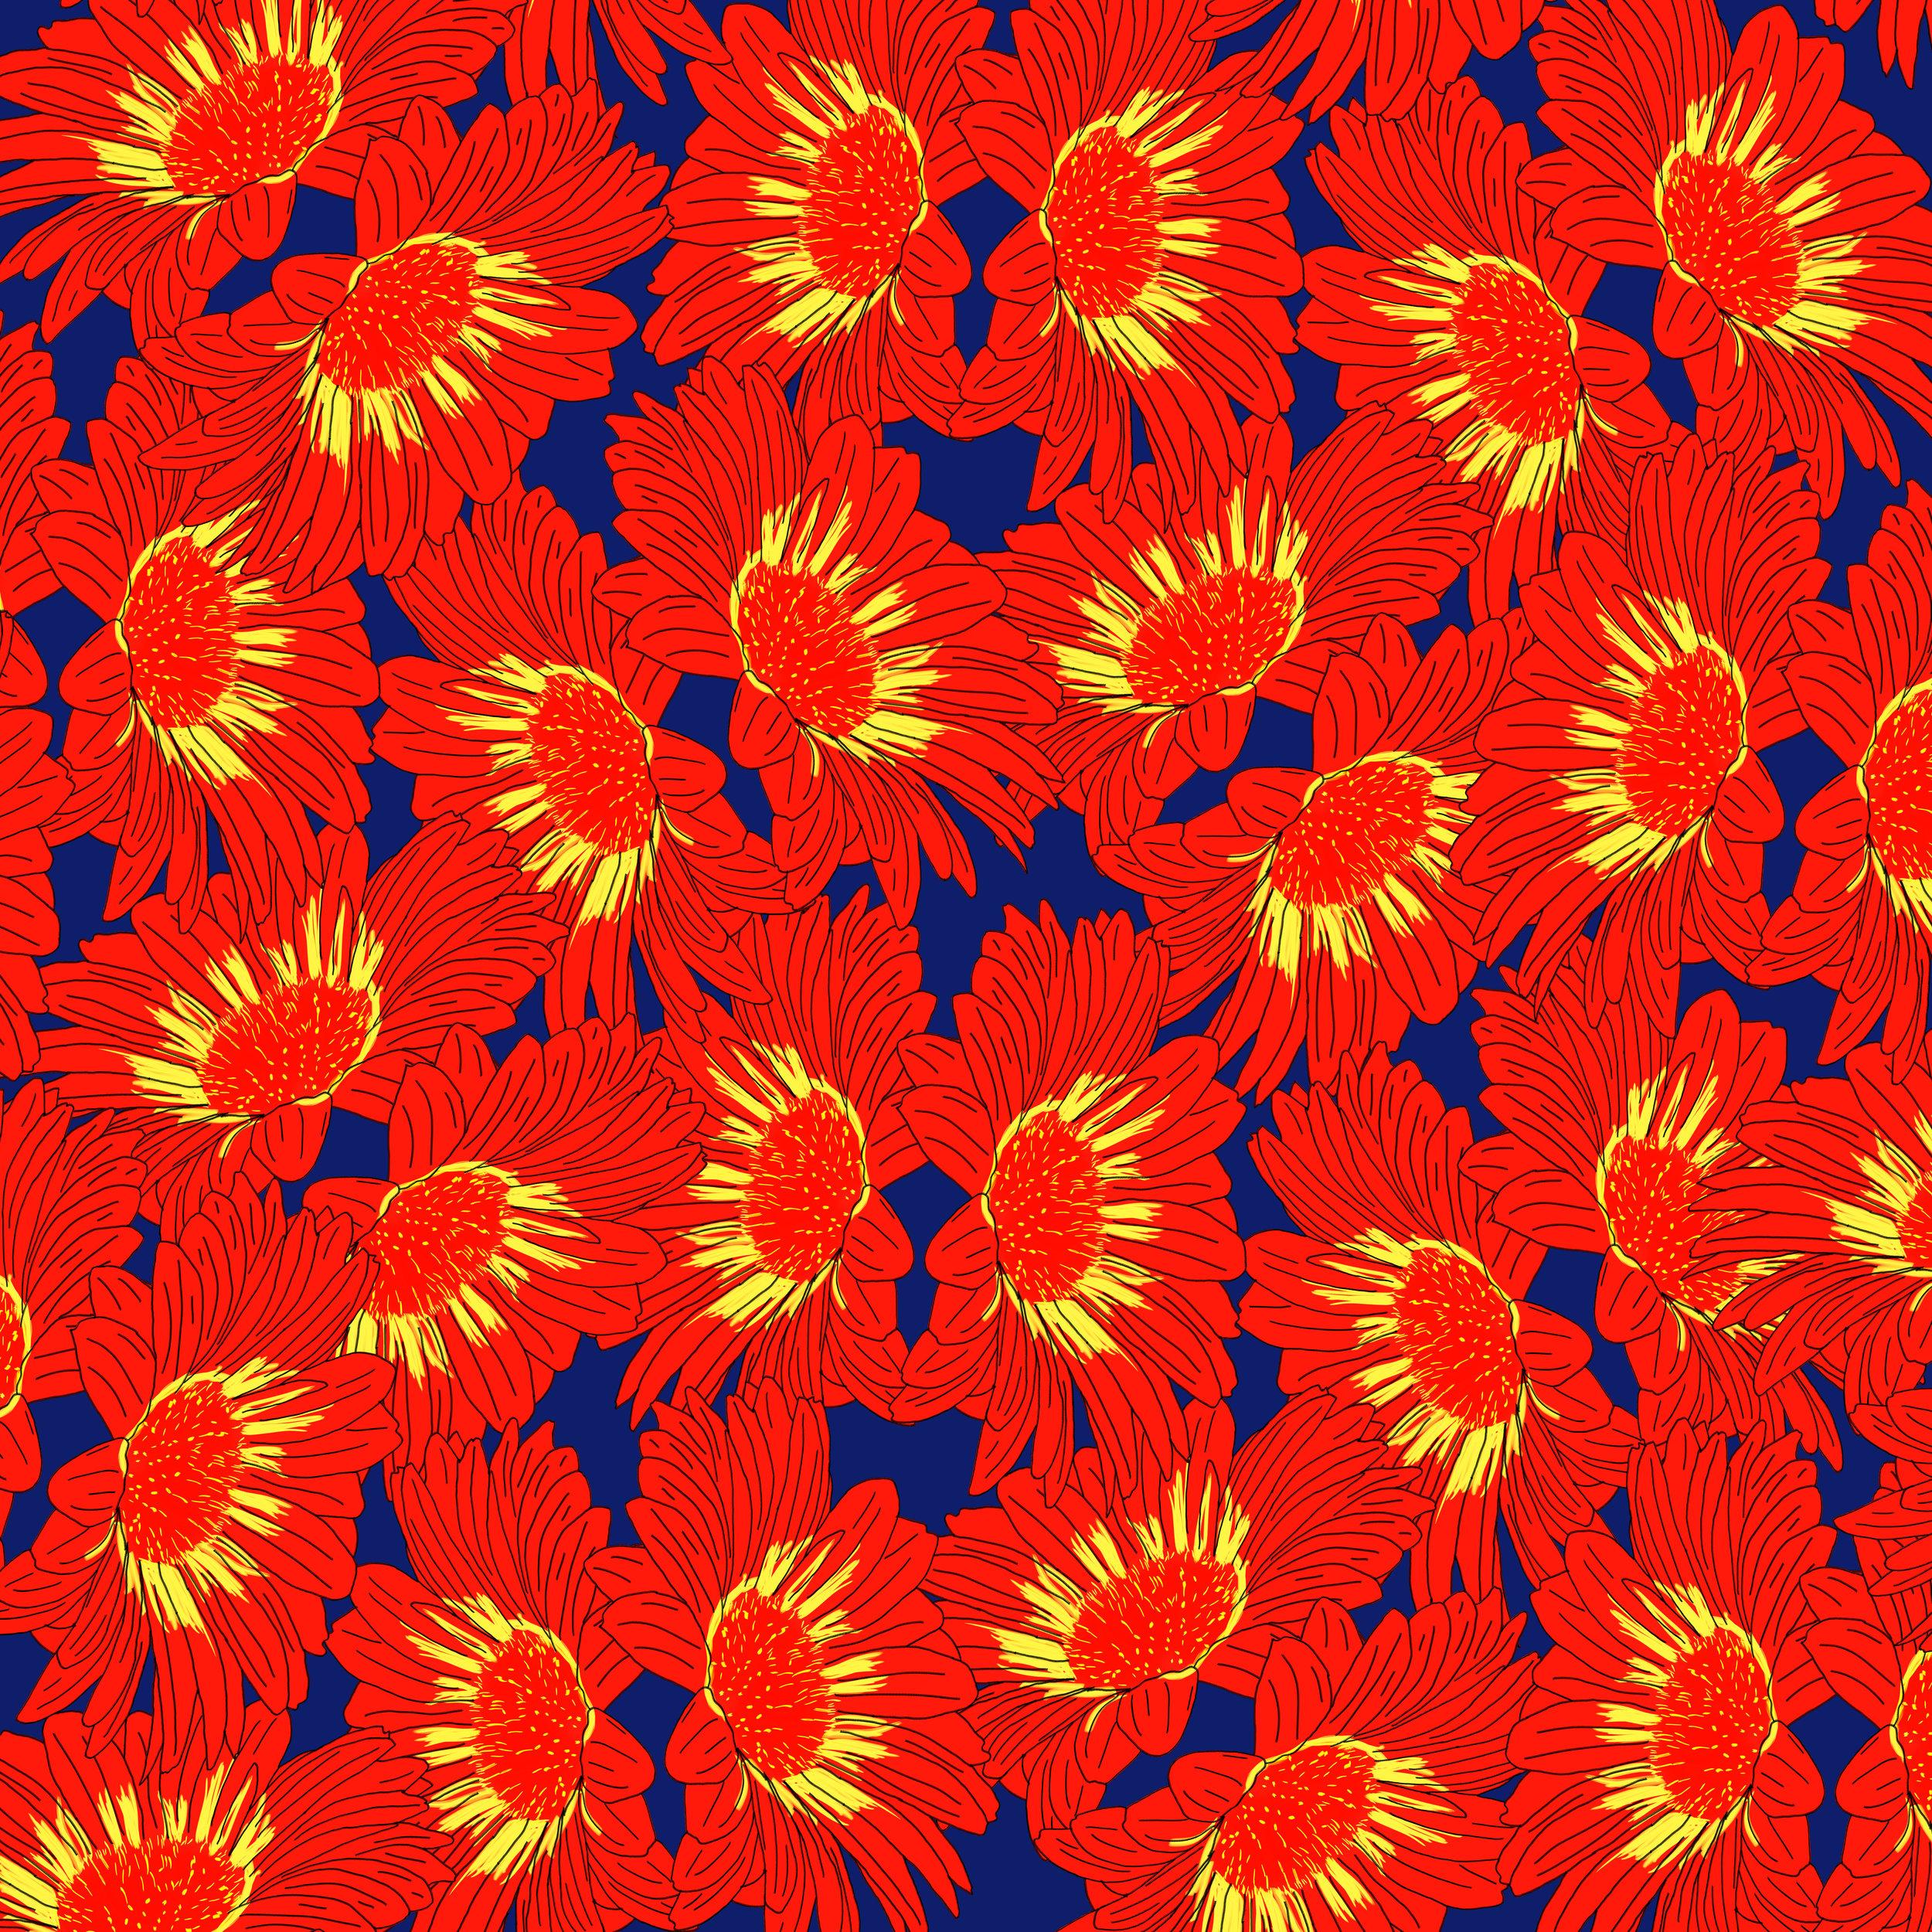 25_Flowers.jpg